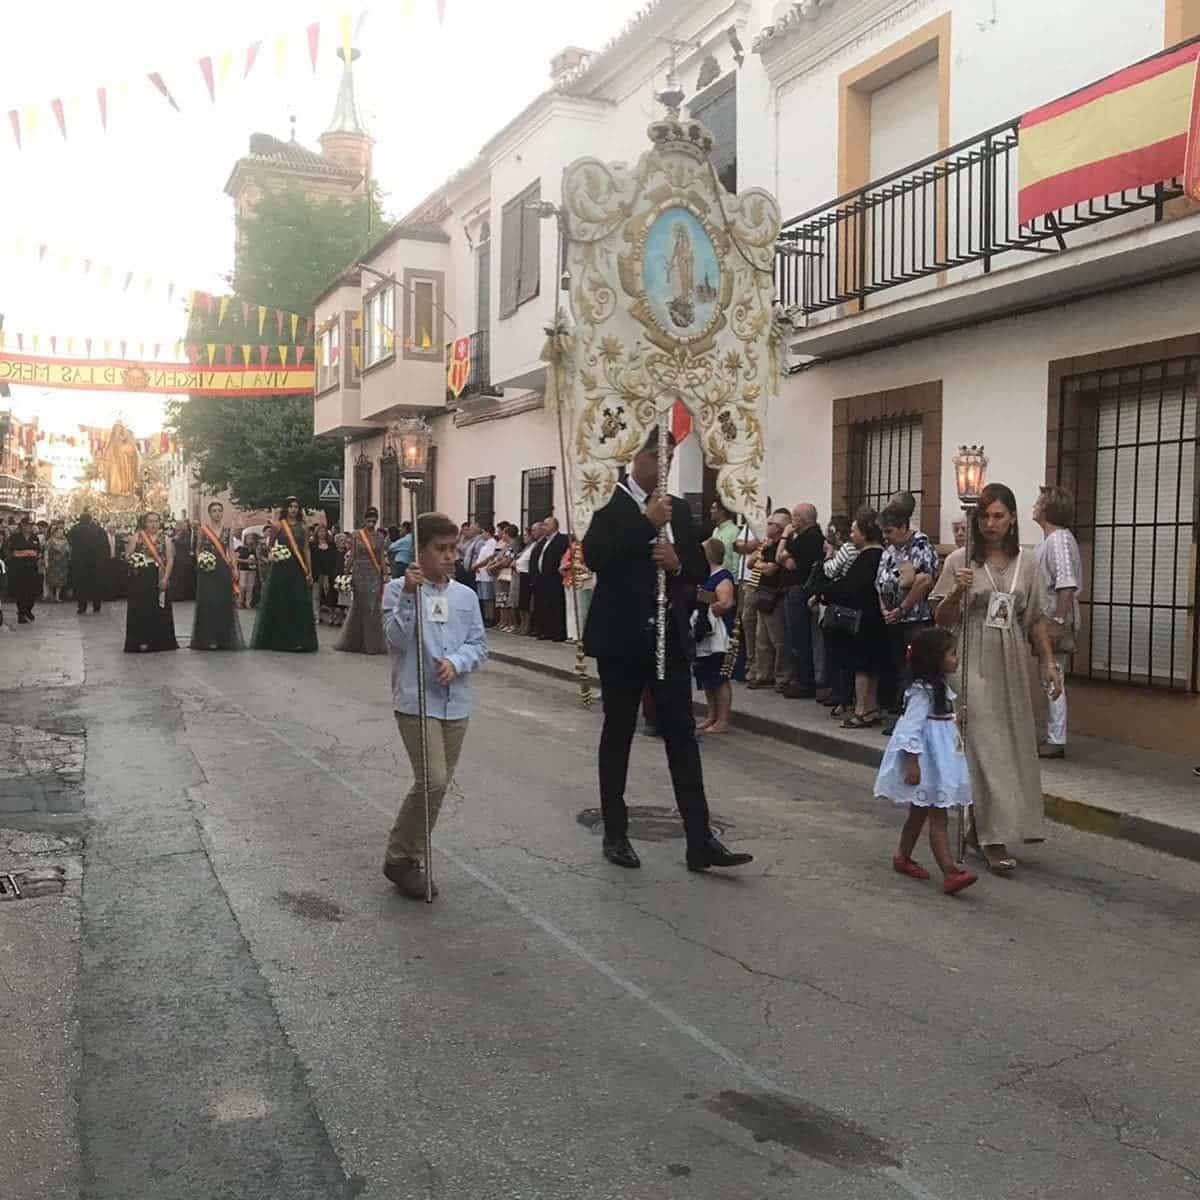 Magna procesión de nuestra Santísima Madre cierra la Feria y Fiestas herenciana 26